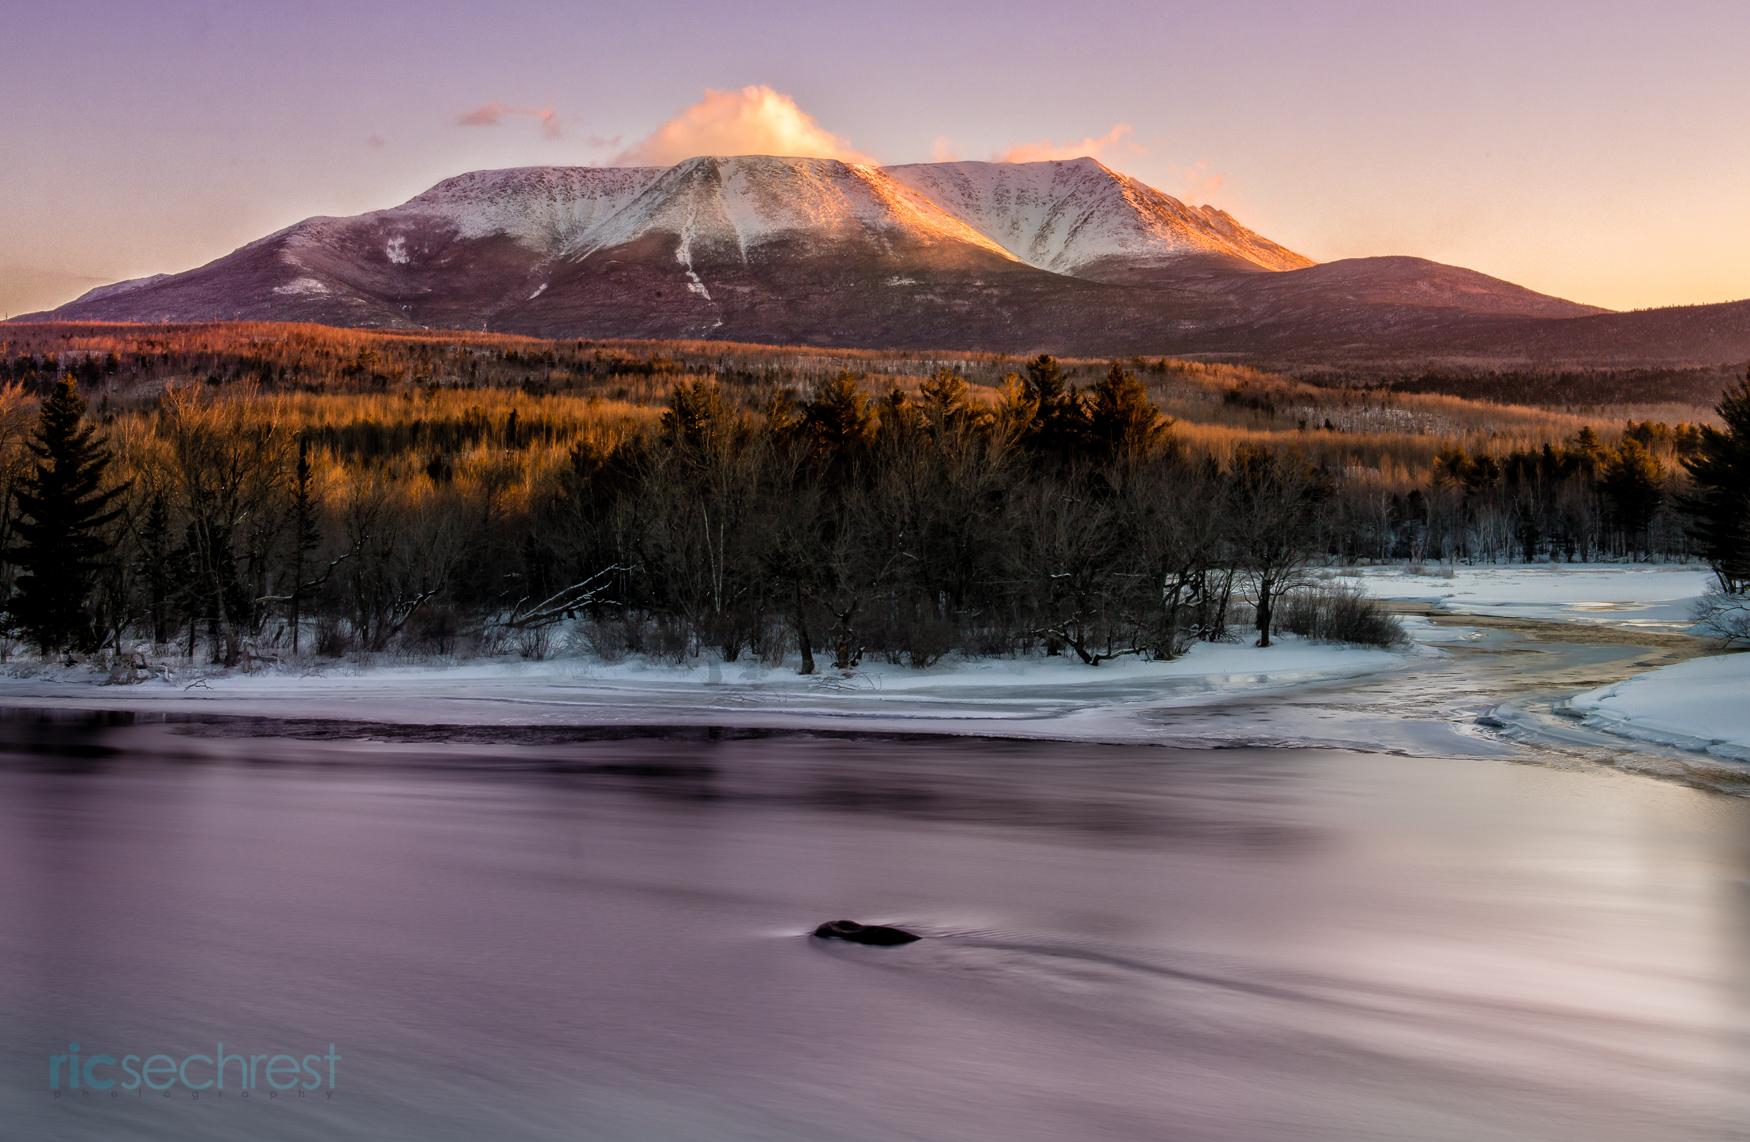 Mount Katahdin, USA